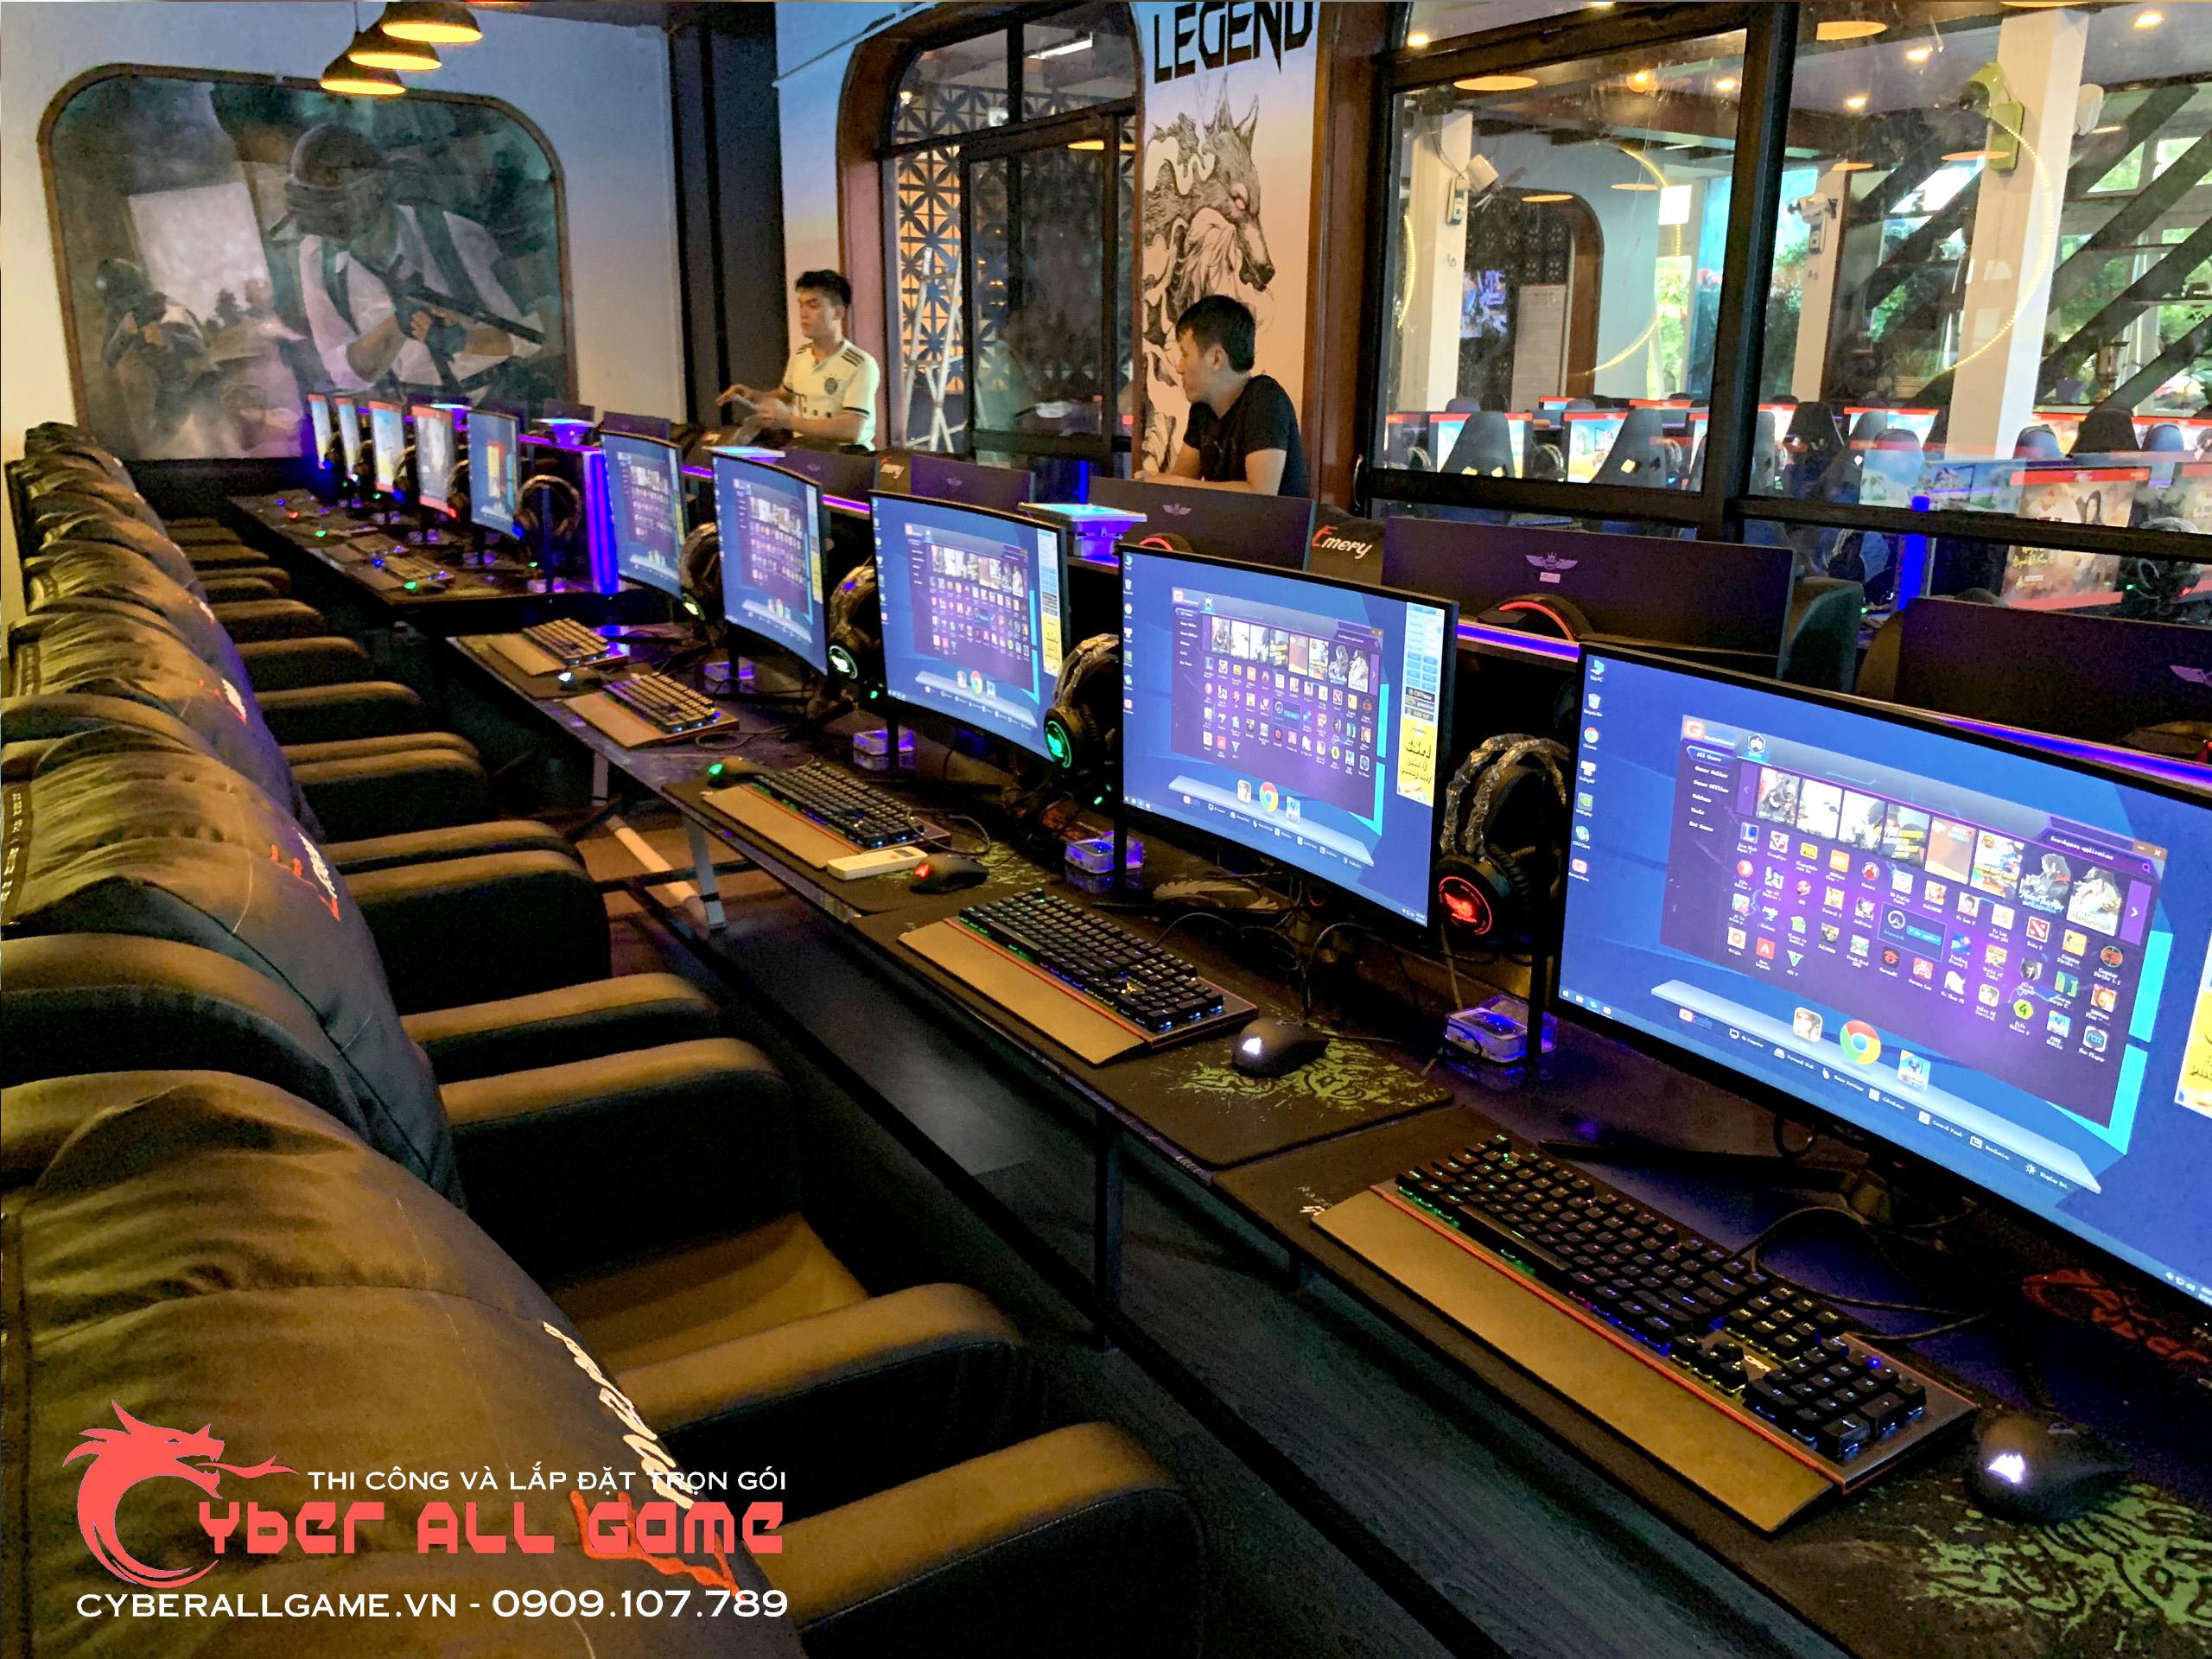 bàn dành cho cyber game cao cấp